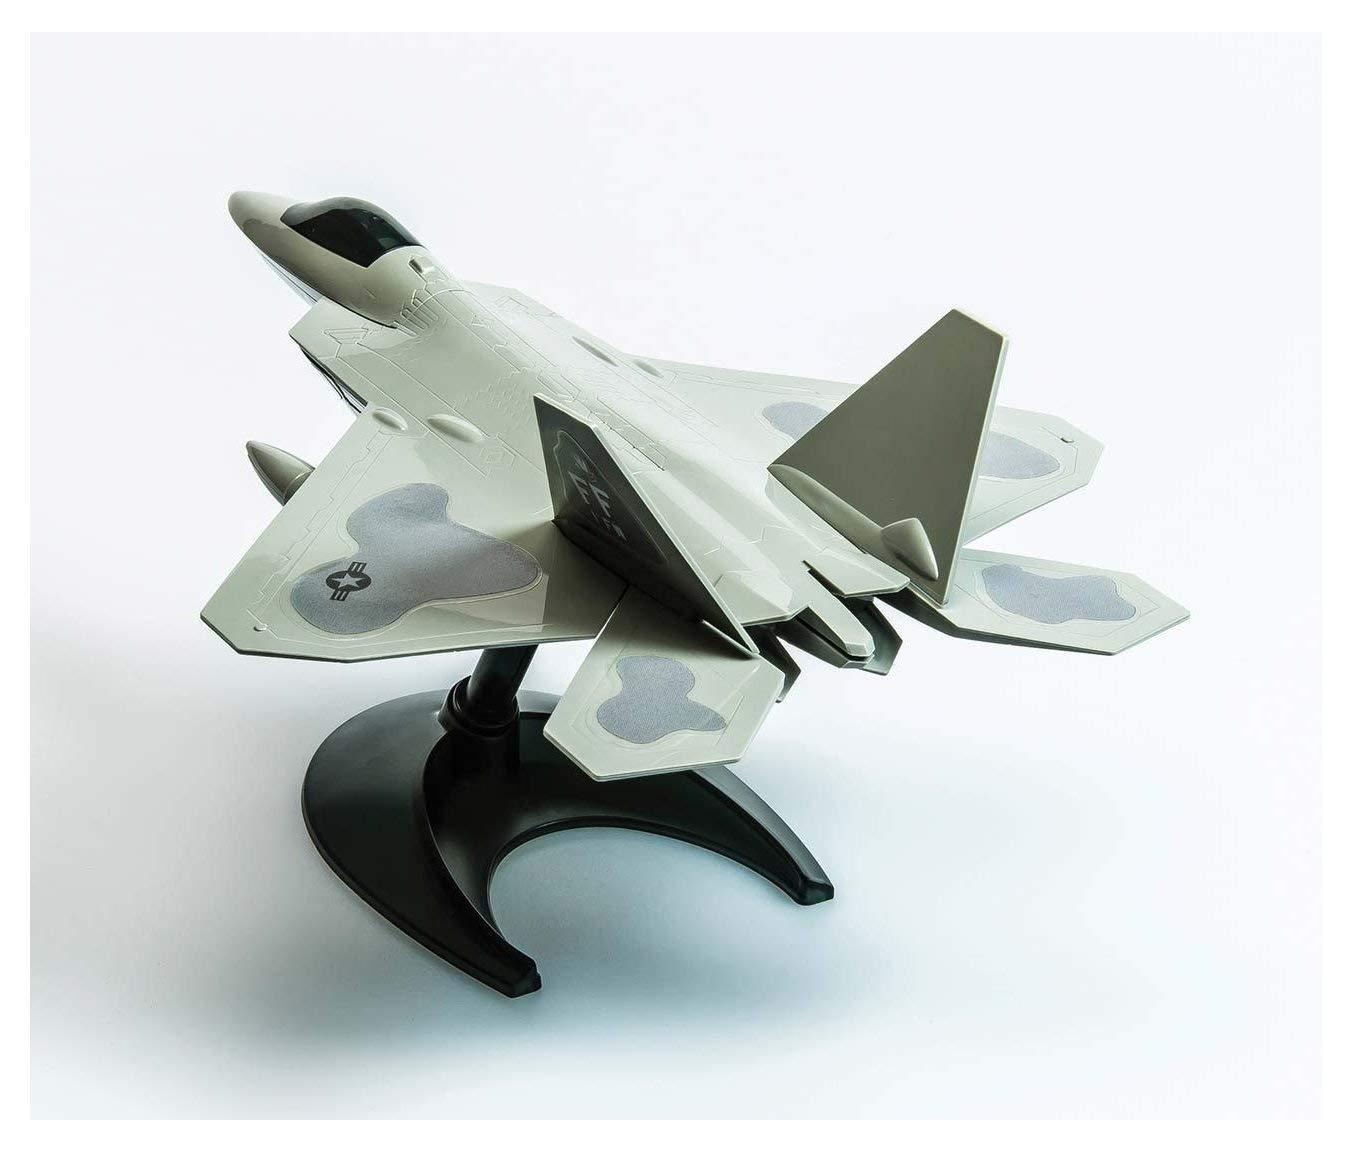 Airfix Quick Build F22 Raptor Maquette davion en Plastique